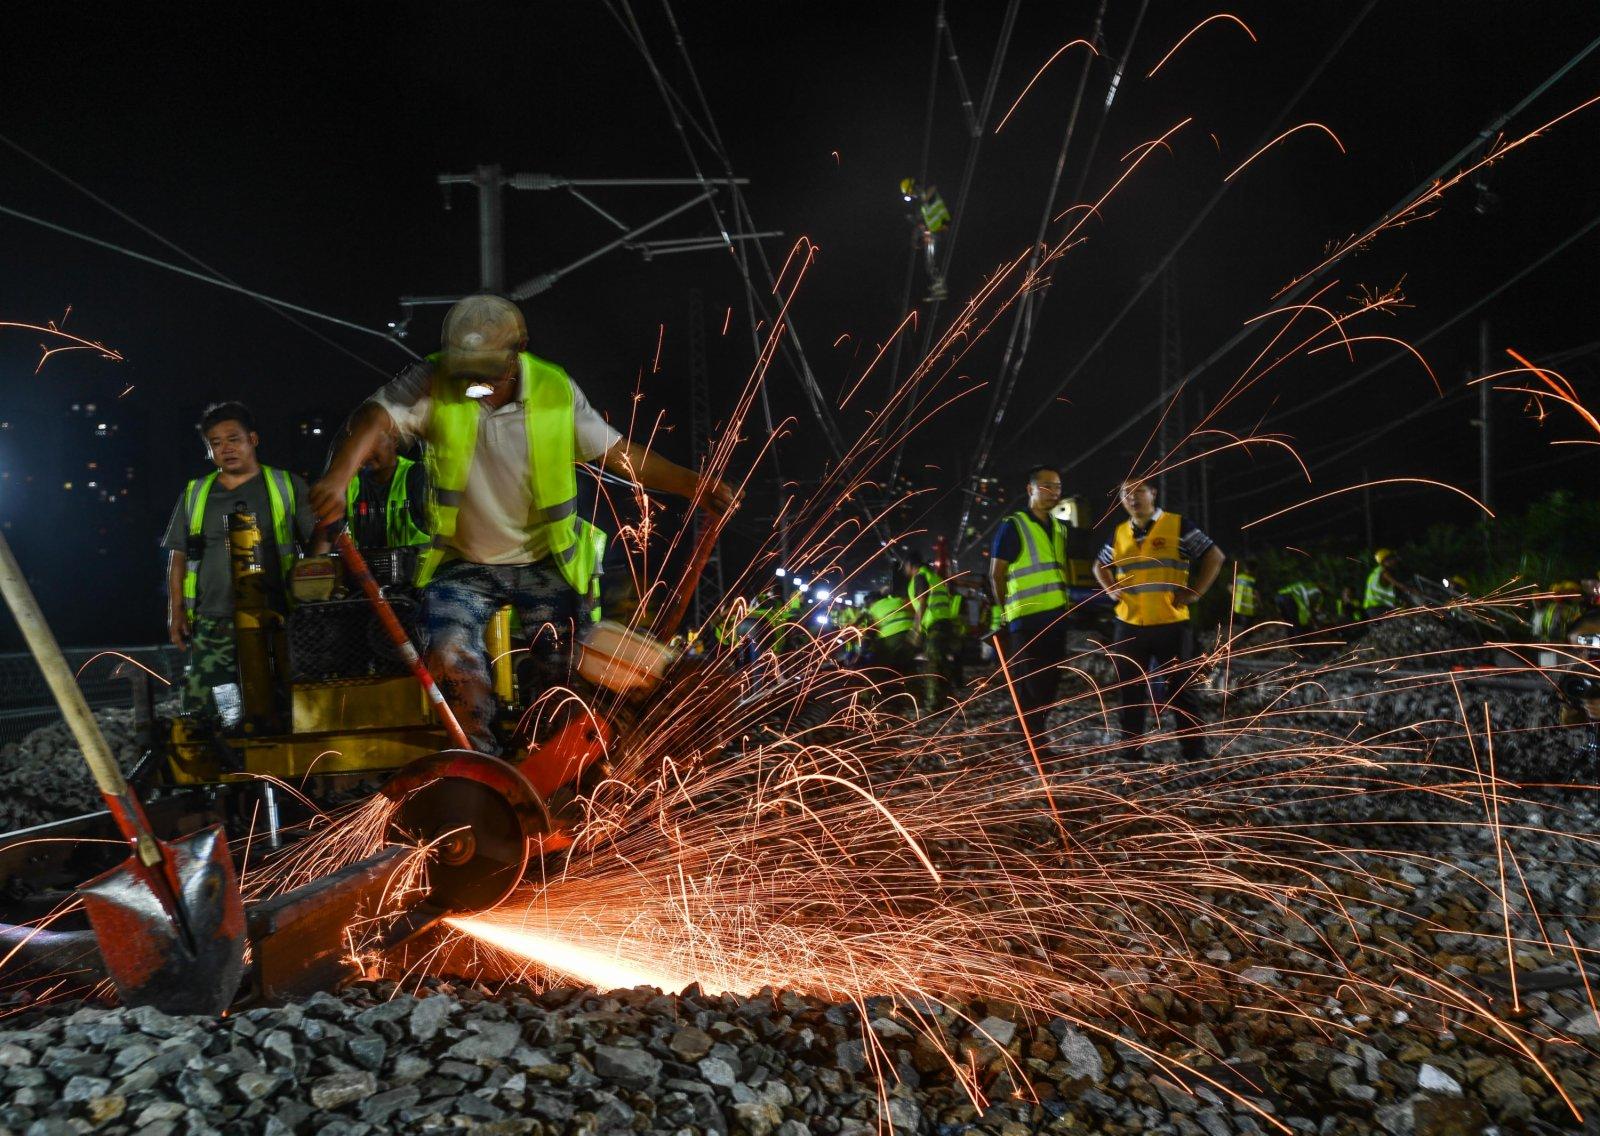 9月25日,施工人員在東莞塘廈贛深高鐵撥接廣深鐵路現場切割鋼軌。(新華社)